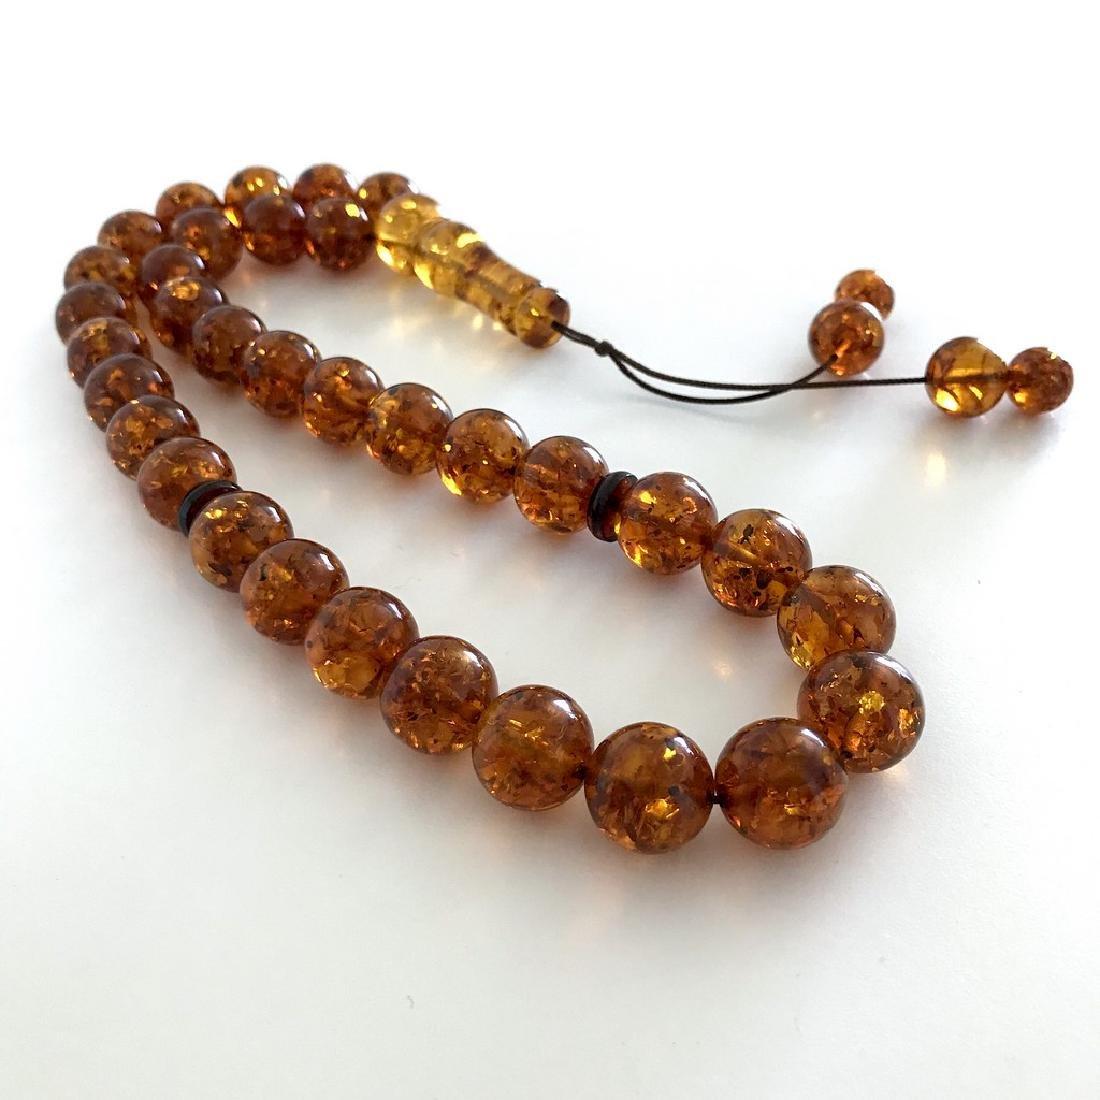 Misbaha tesbih Baltic amber cognac 33 beads ø14mm 59 - 2